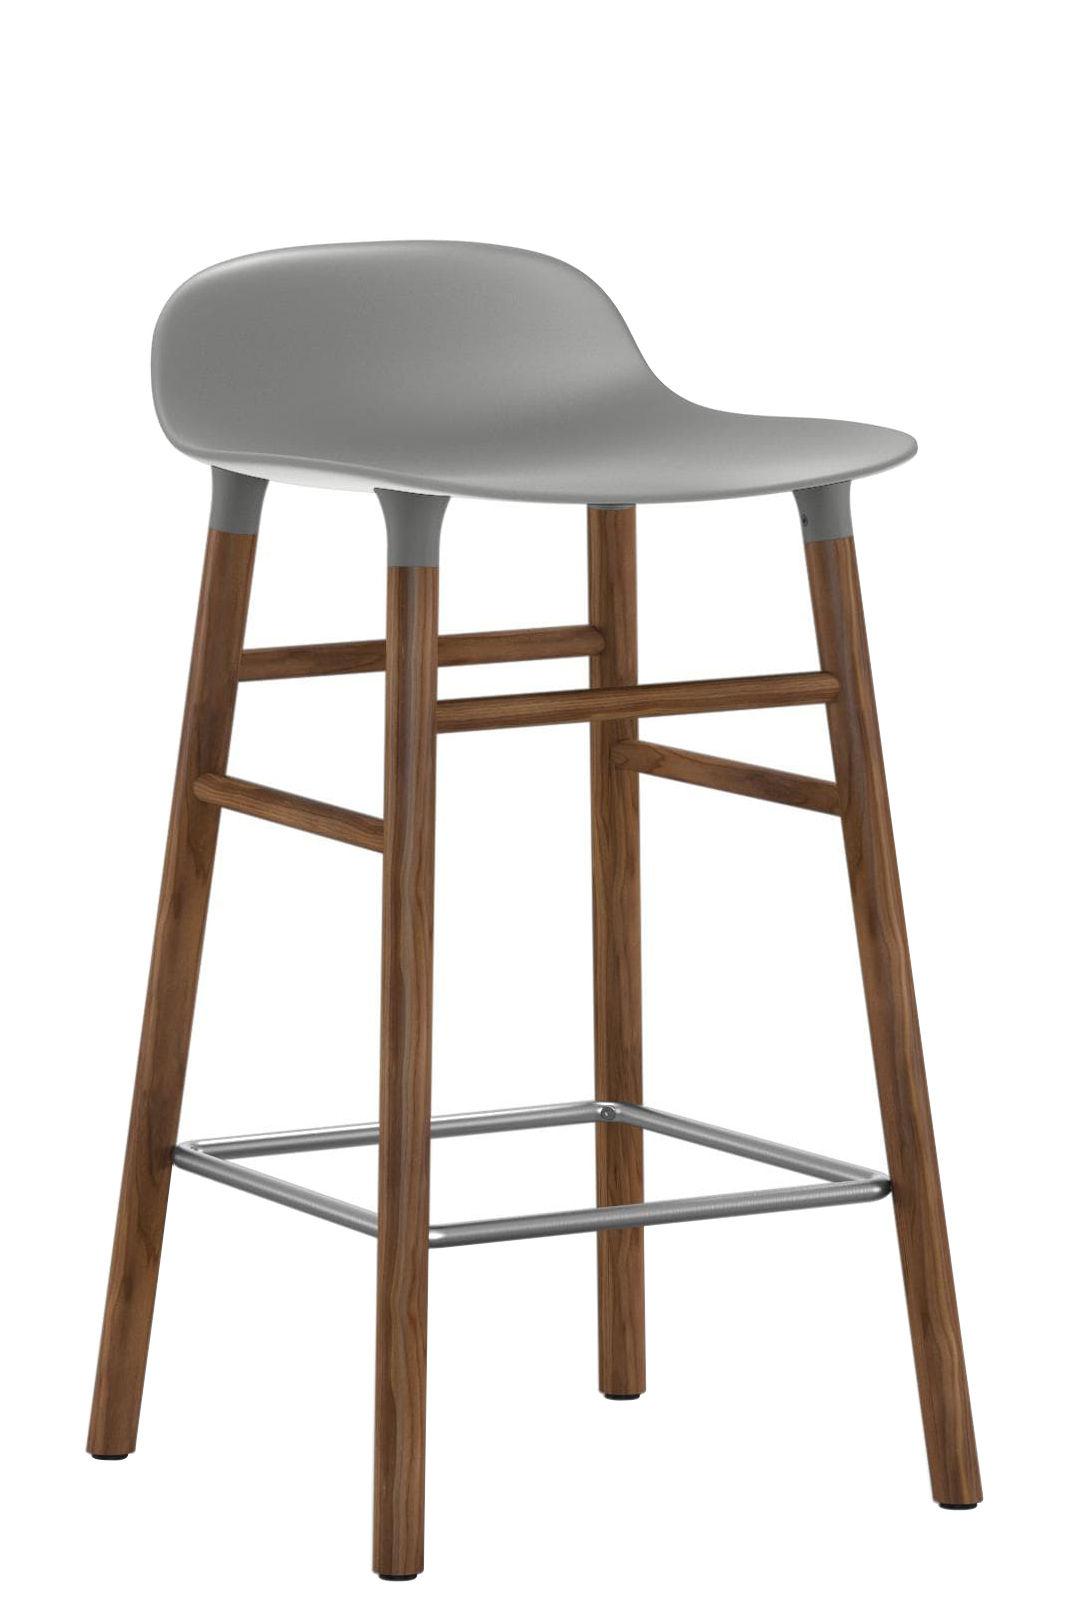 form h 65 cm stuhlbeine nussbaum normann copenhagen barhocker. Black Bedroom Furniture Sets. Home Design Ideas